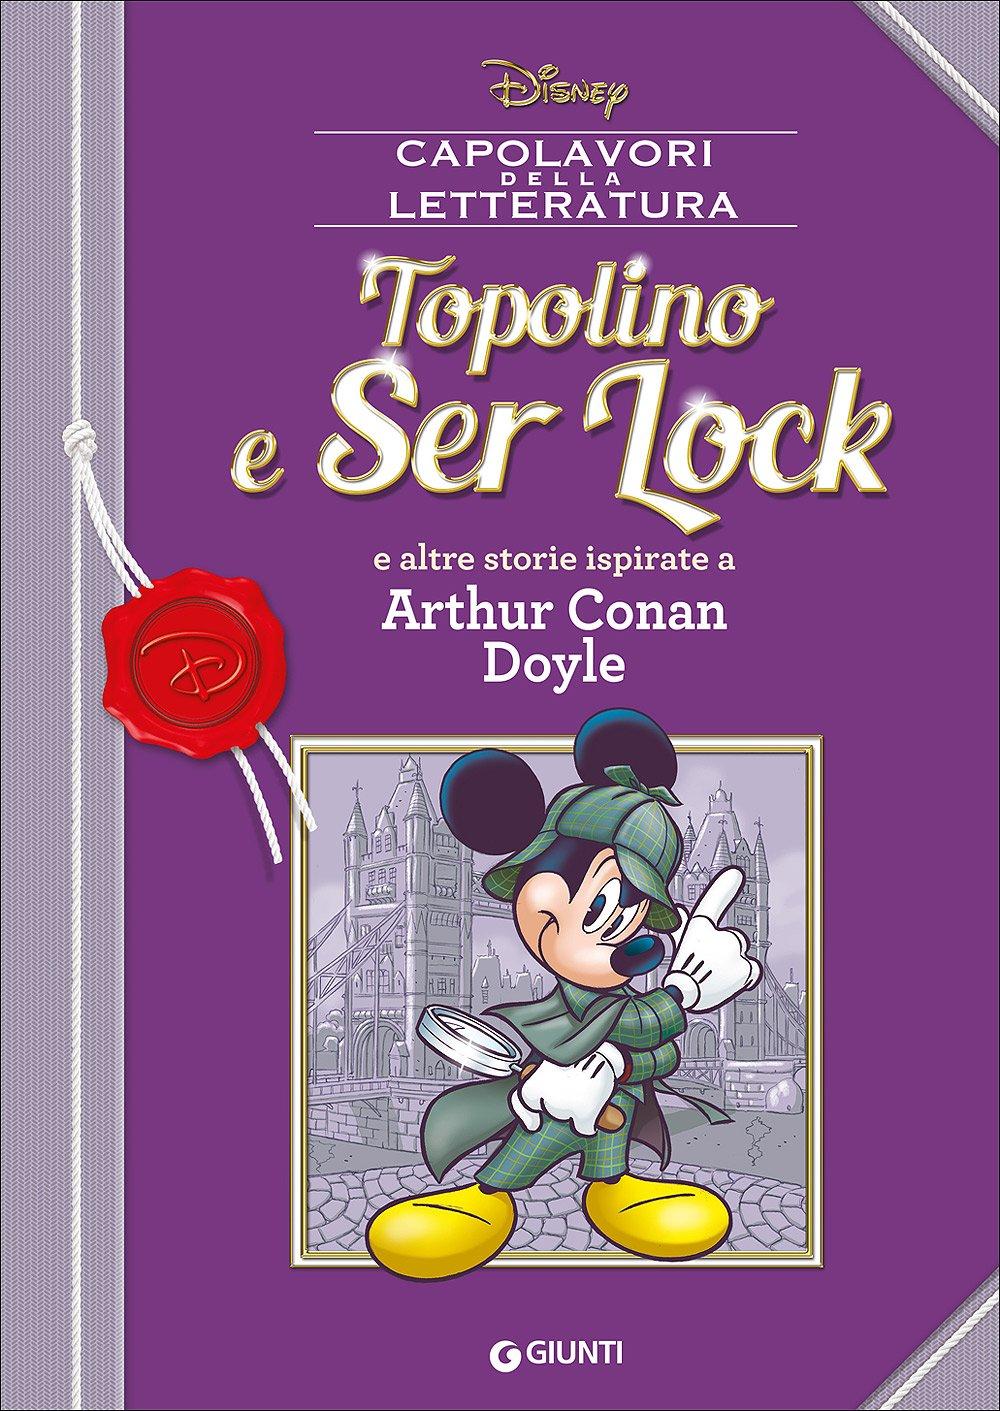 Cover Capolavori della Letteratura 7 - Topolino e Ser Lock